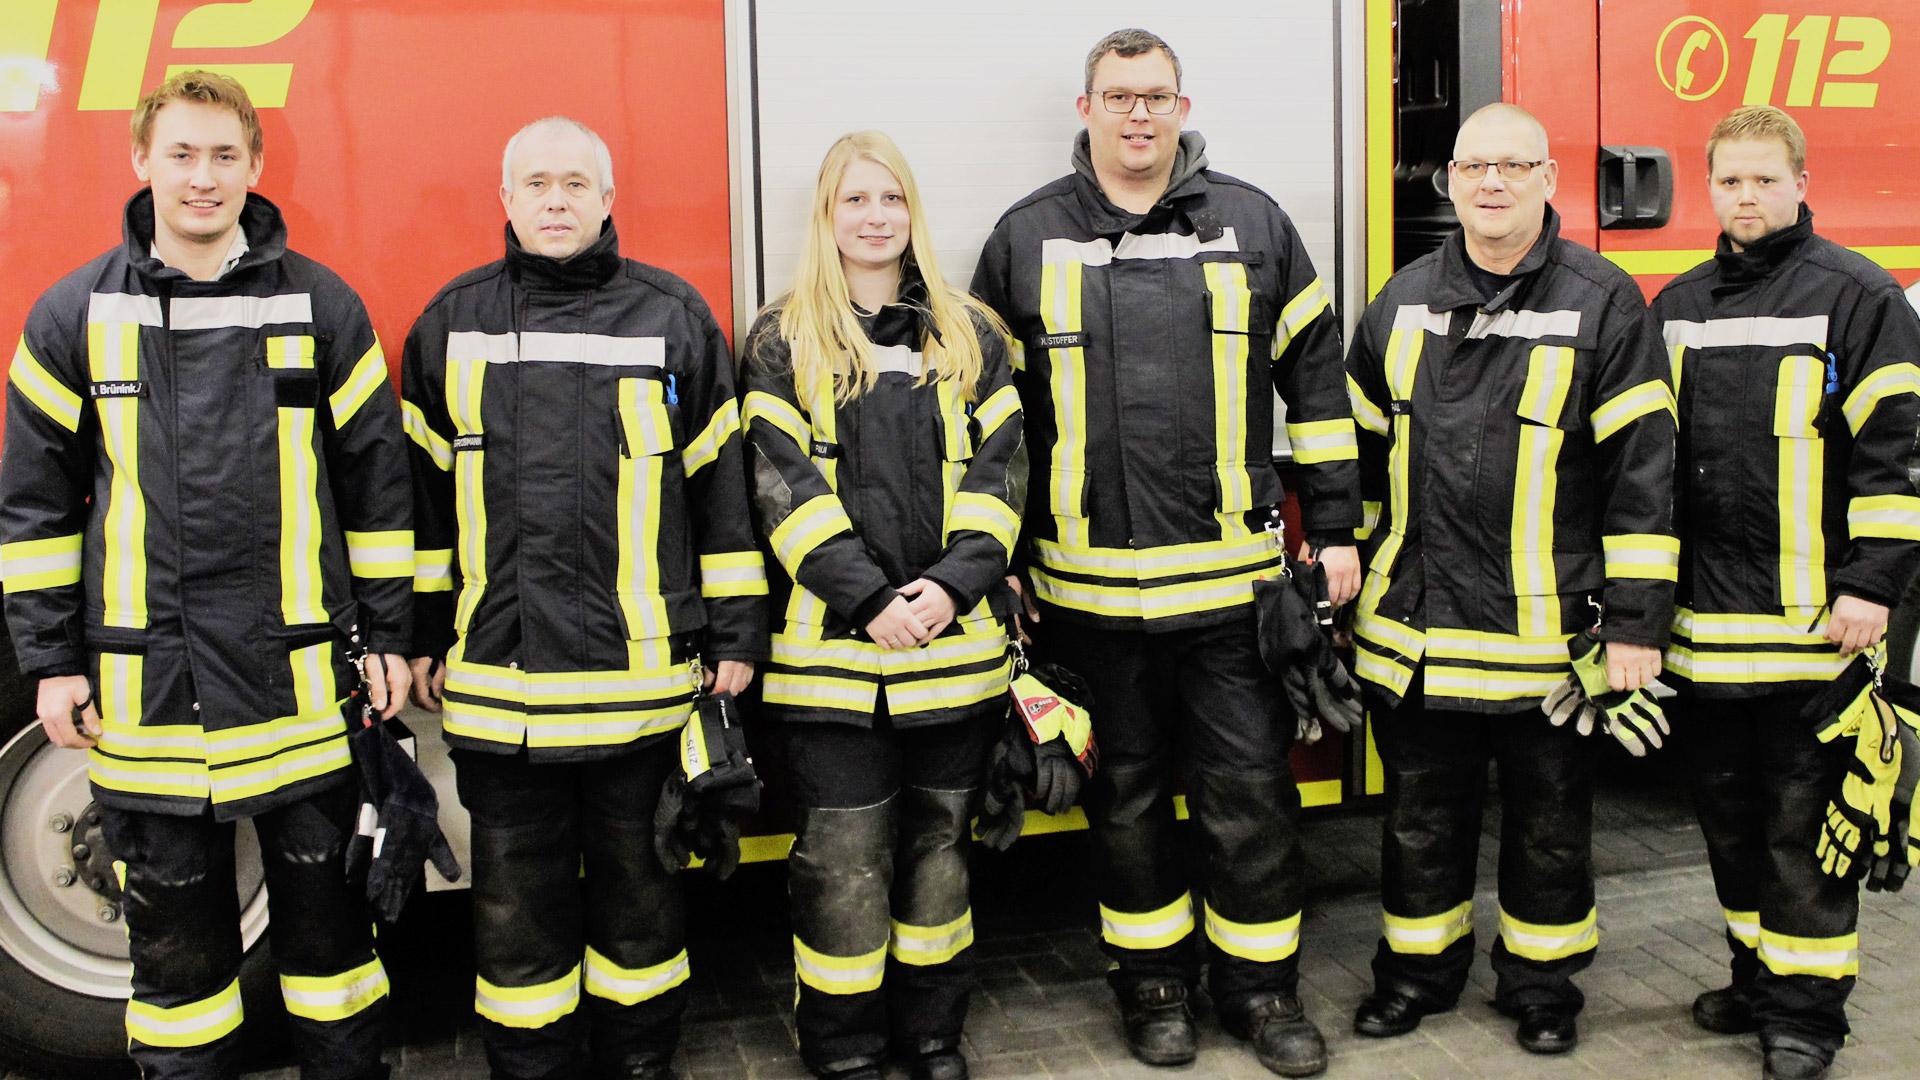 Betreuer der Jugendfeuerwehr Emlichheim